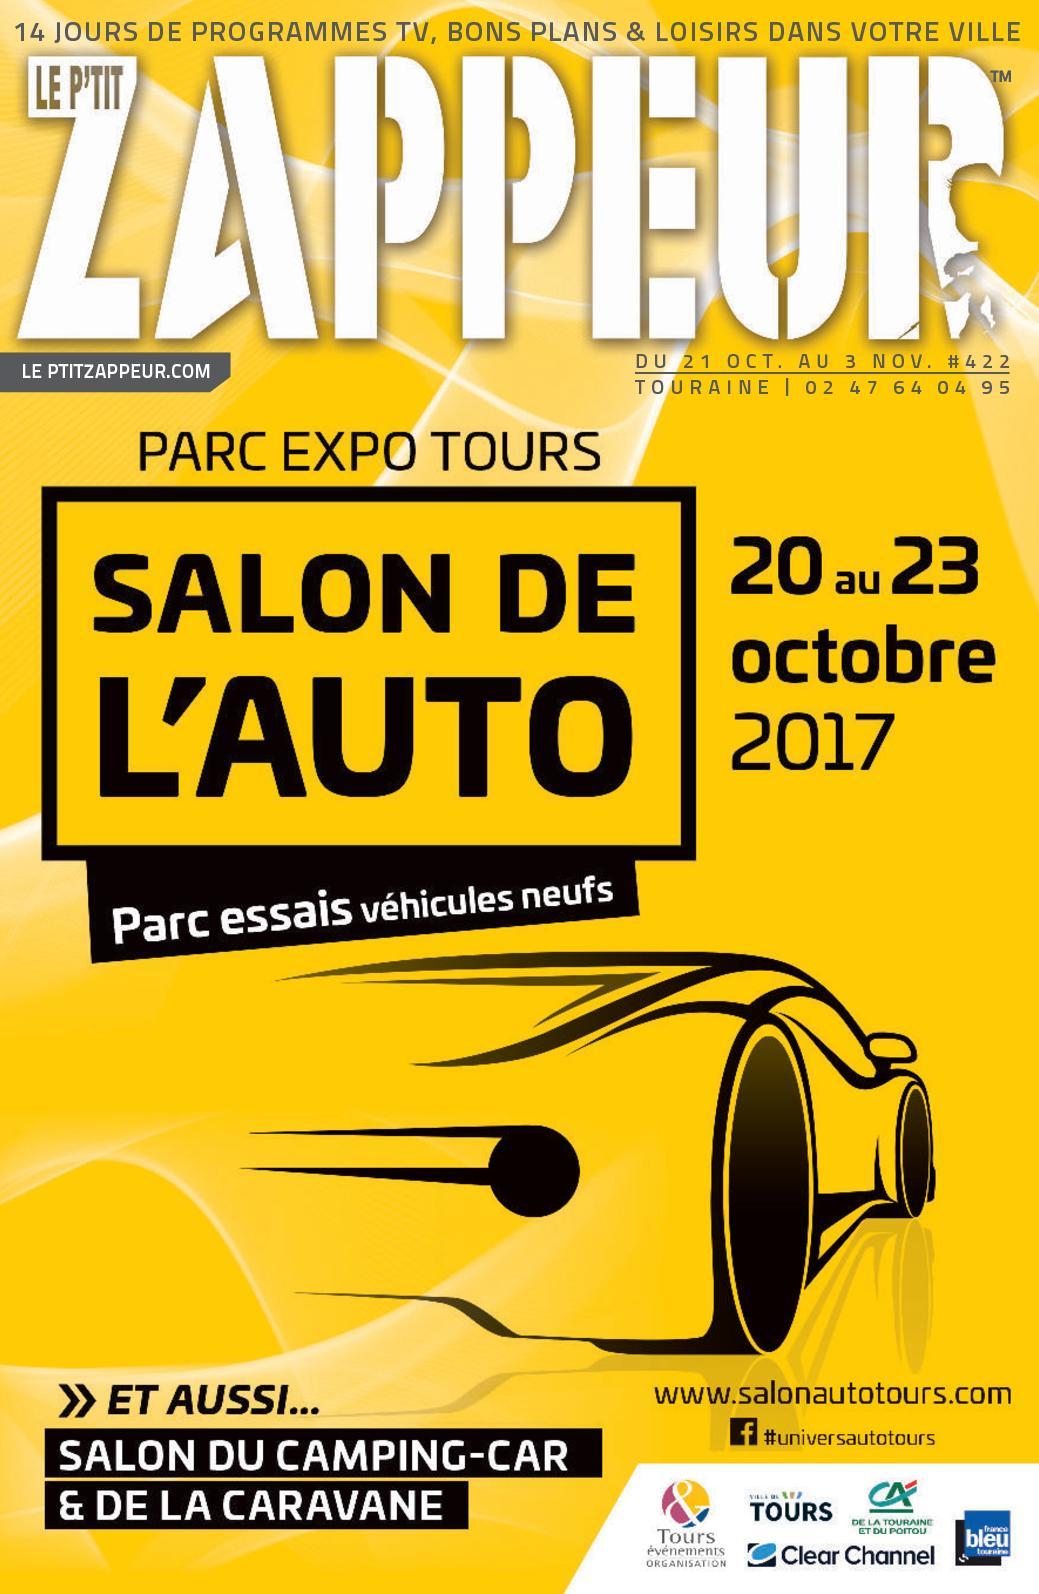 Calaméo - Le P tit Zappeur - tours  422 bce467d183f4